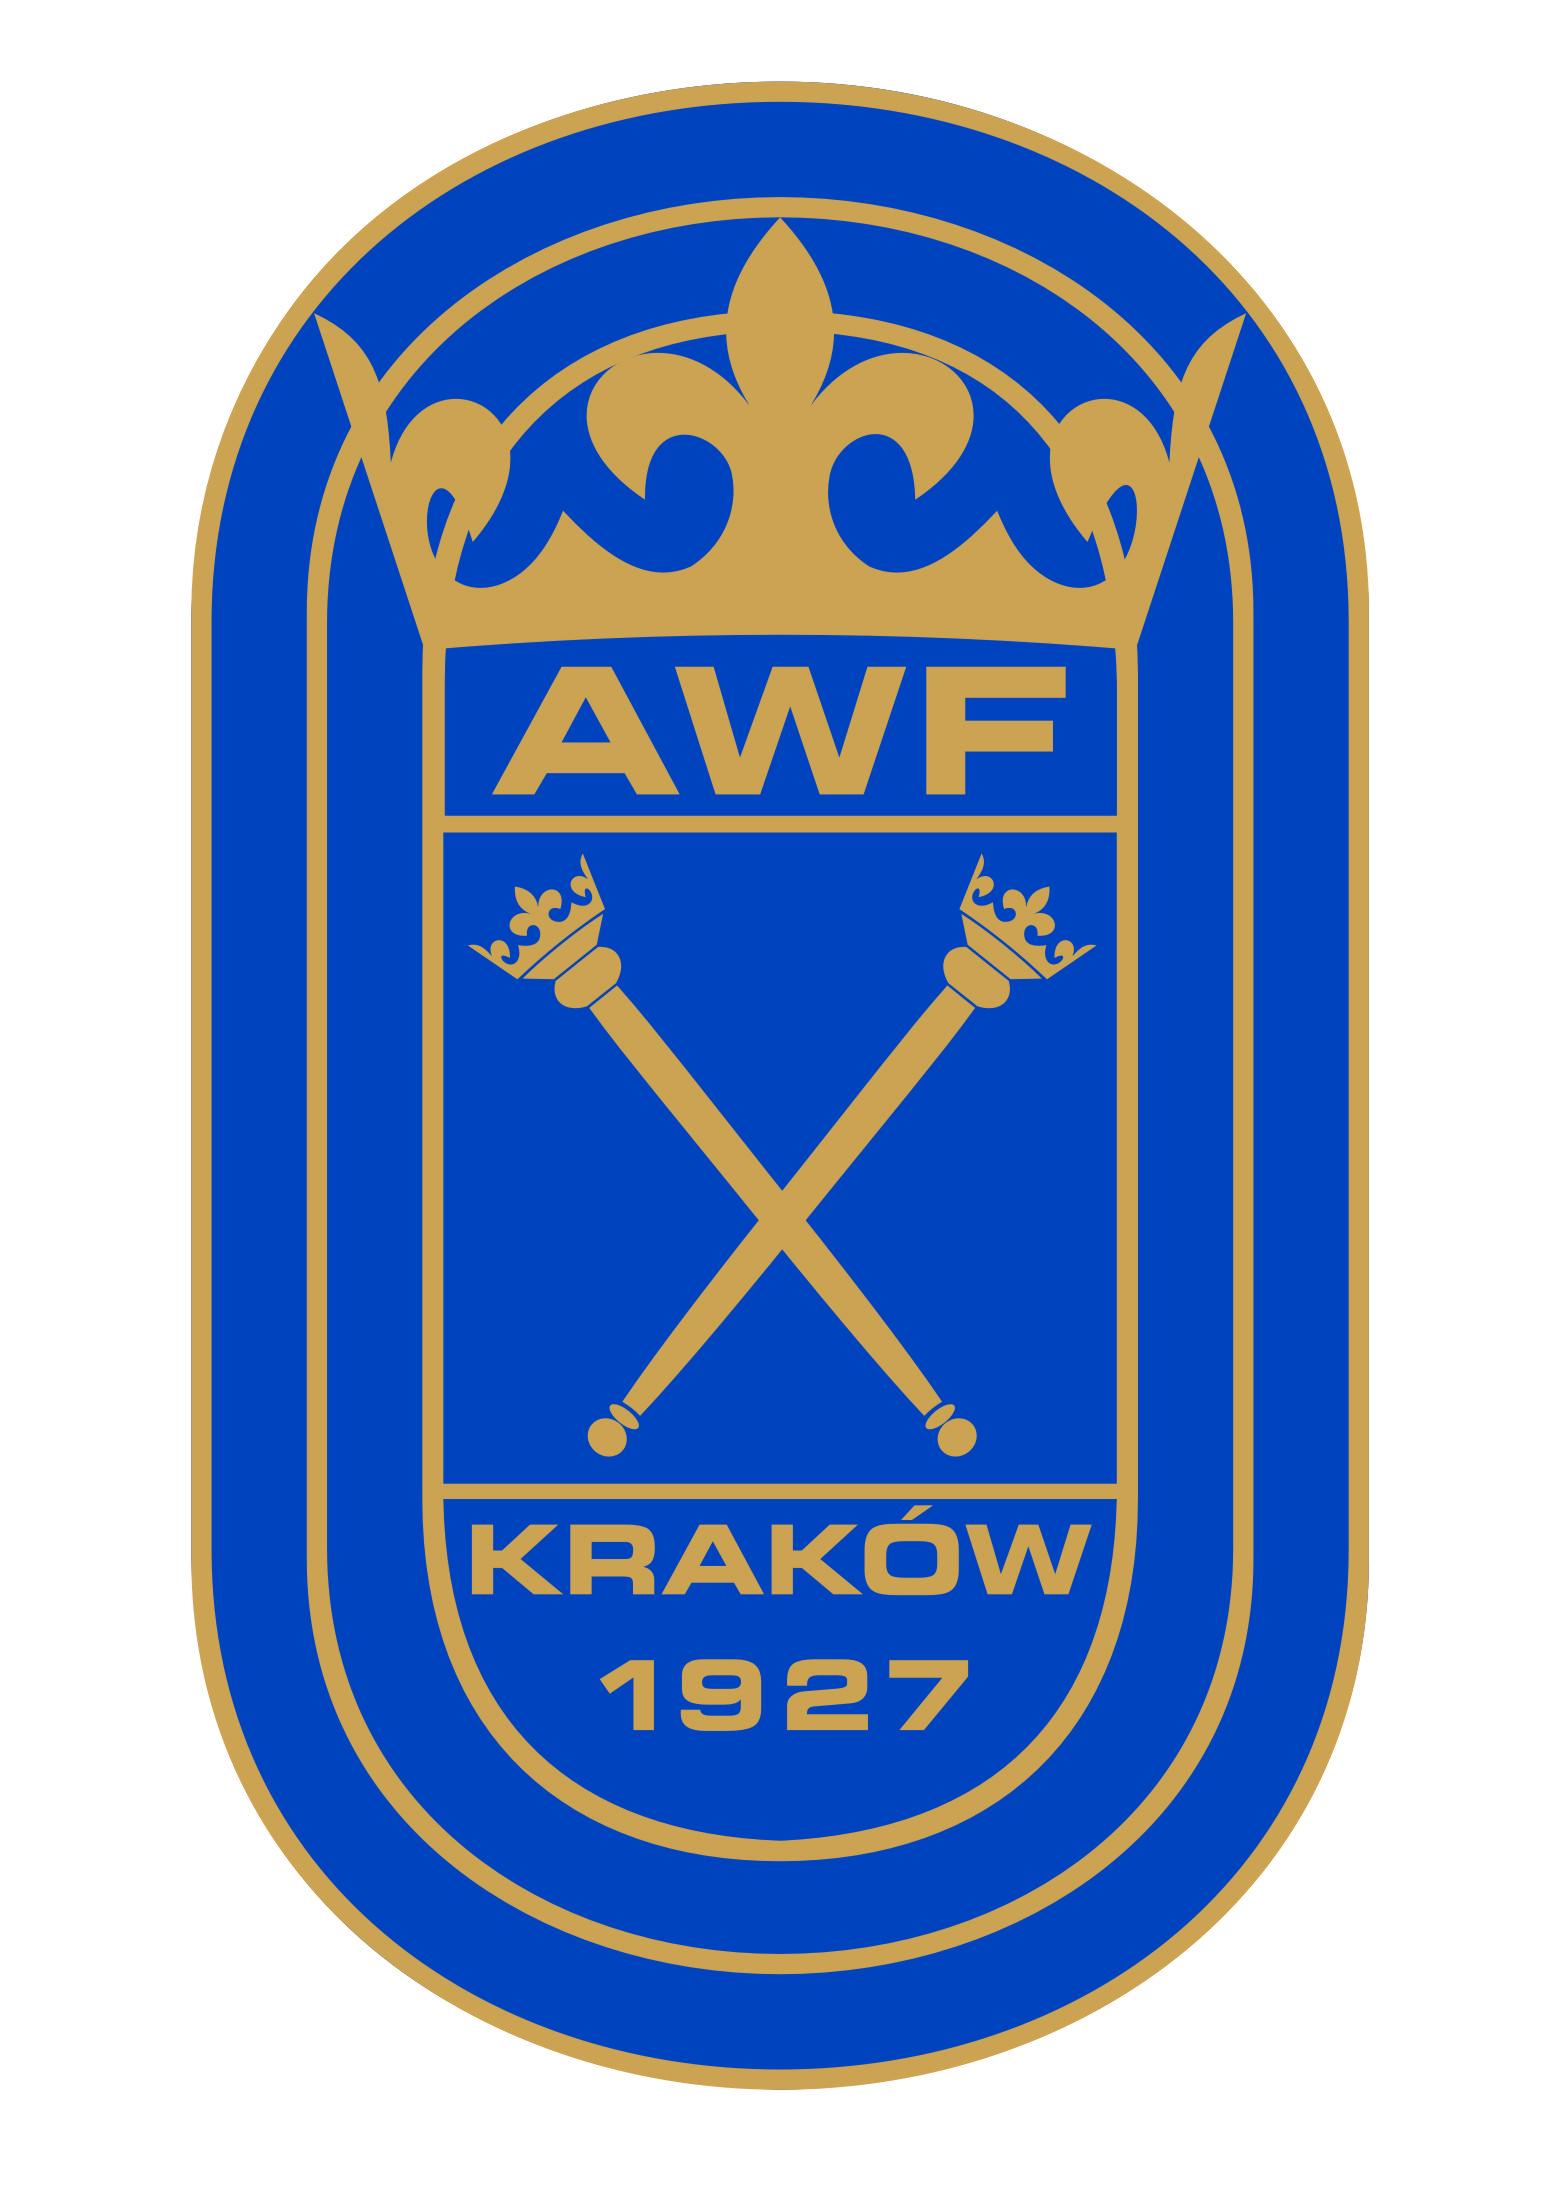 Akademia Wychowania Fizycznego w Krakowie